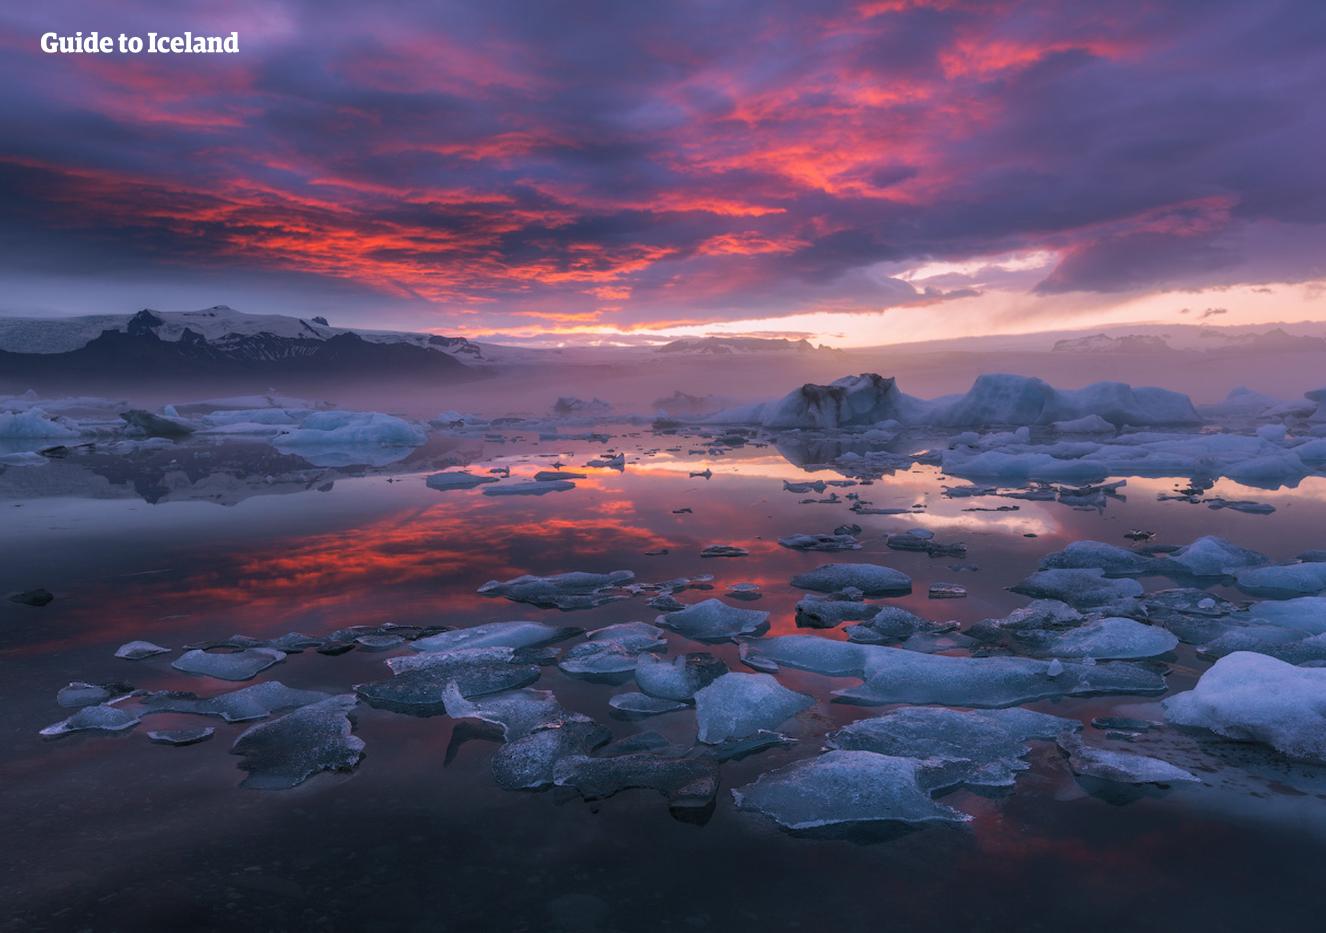 Посетите неземную лагуну Йокульсарлон в рамках этого автотура, и вы увидите айсберги, мирно дрейфующие в ледниковой воде.